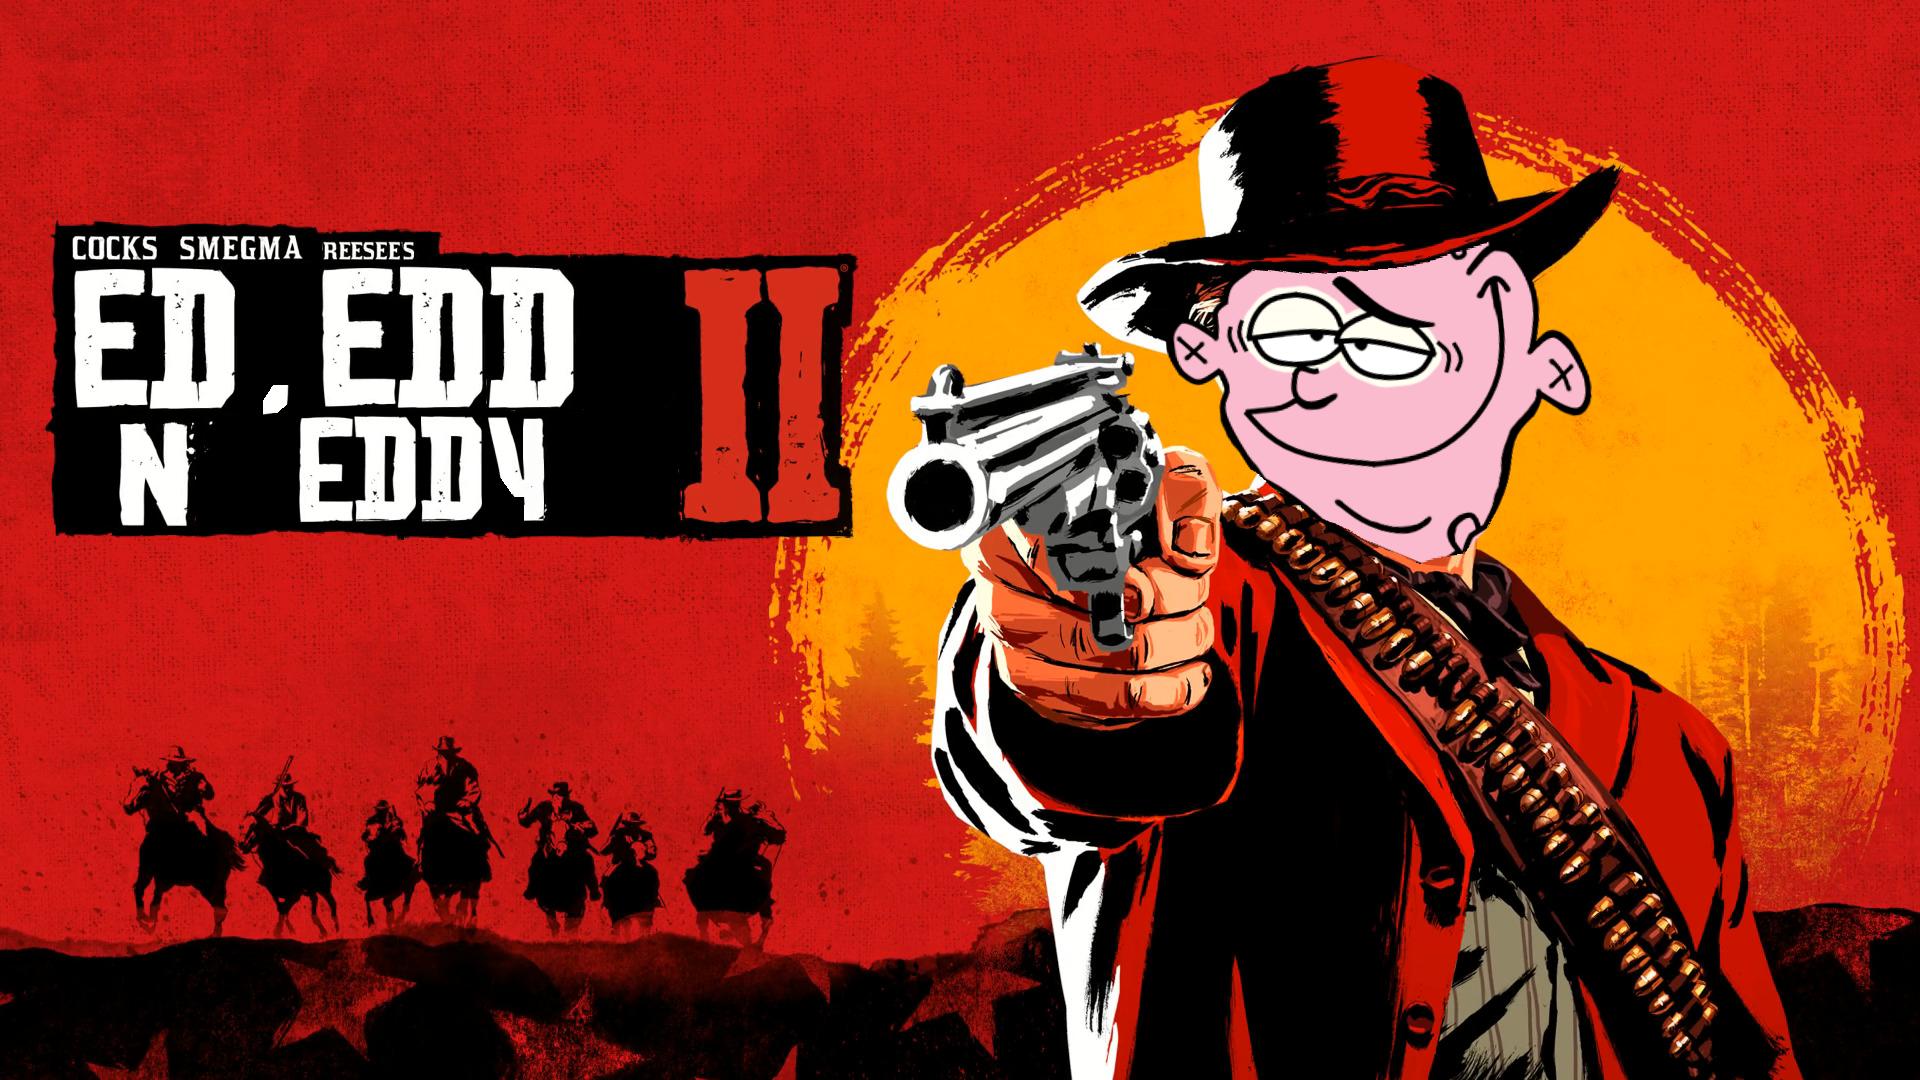 Ed Edd N Eddy Ii Red Dead Redemption 2 1430130 Hd